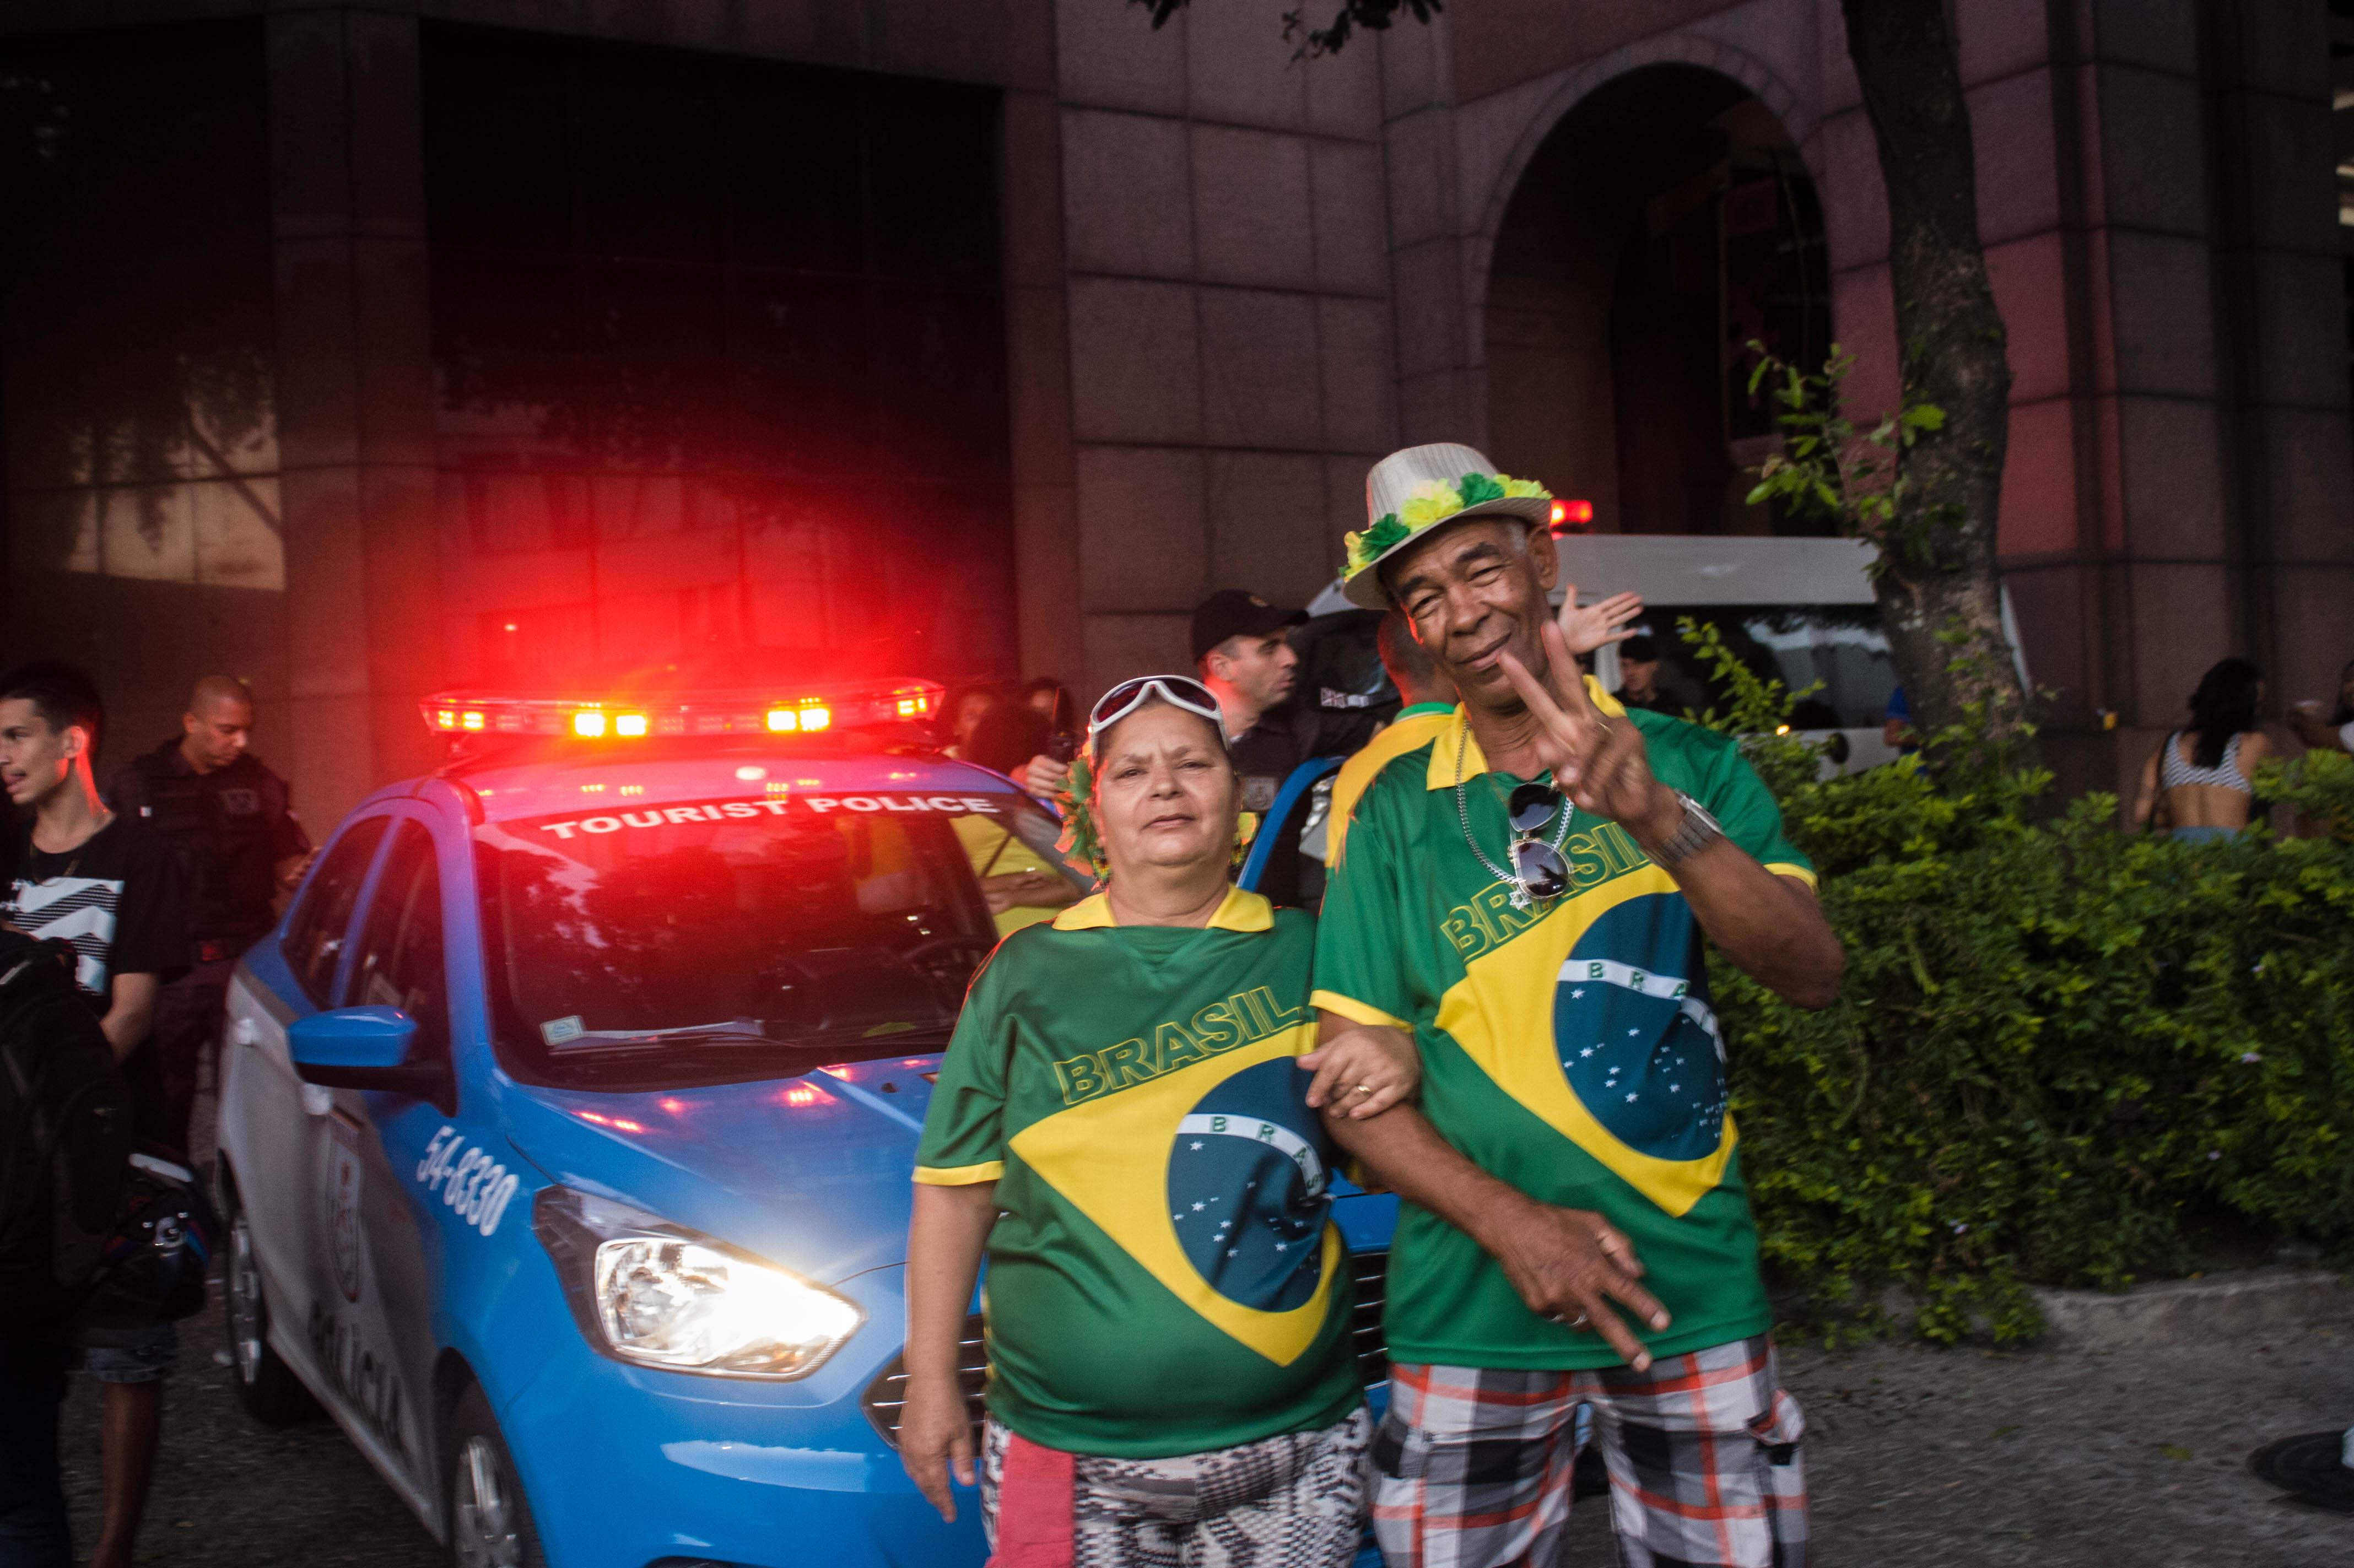 José Bispo de Oliveira posa ao lado da esposa em frente a uma viatura da Polícia Militar do Rio de Janeiro. Eles assistiram ao jogo do Brasil contra a Bélgica meio de uma multidão no Centro da cidade.